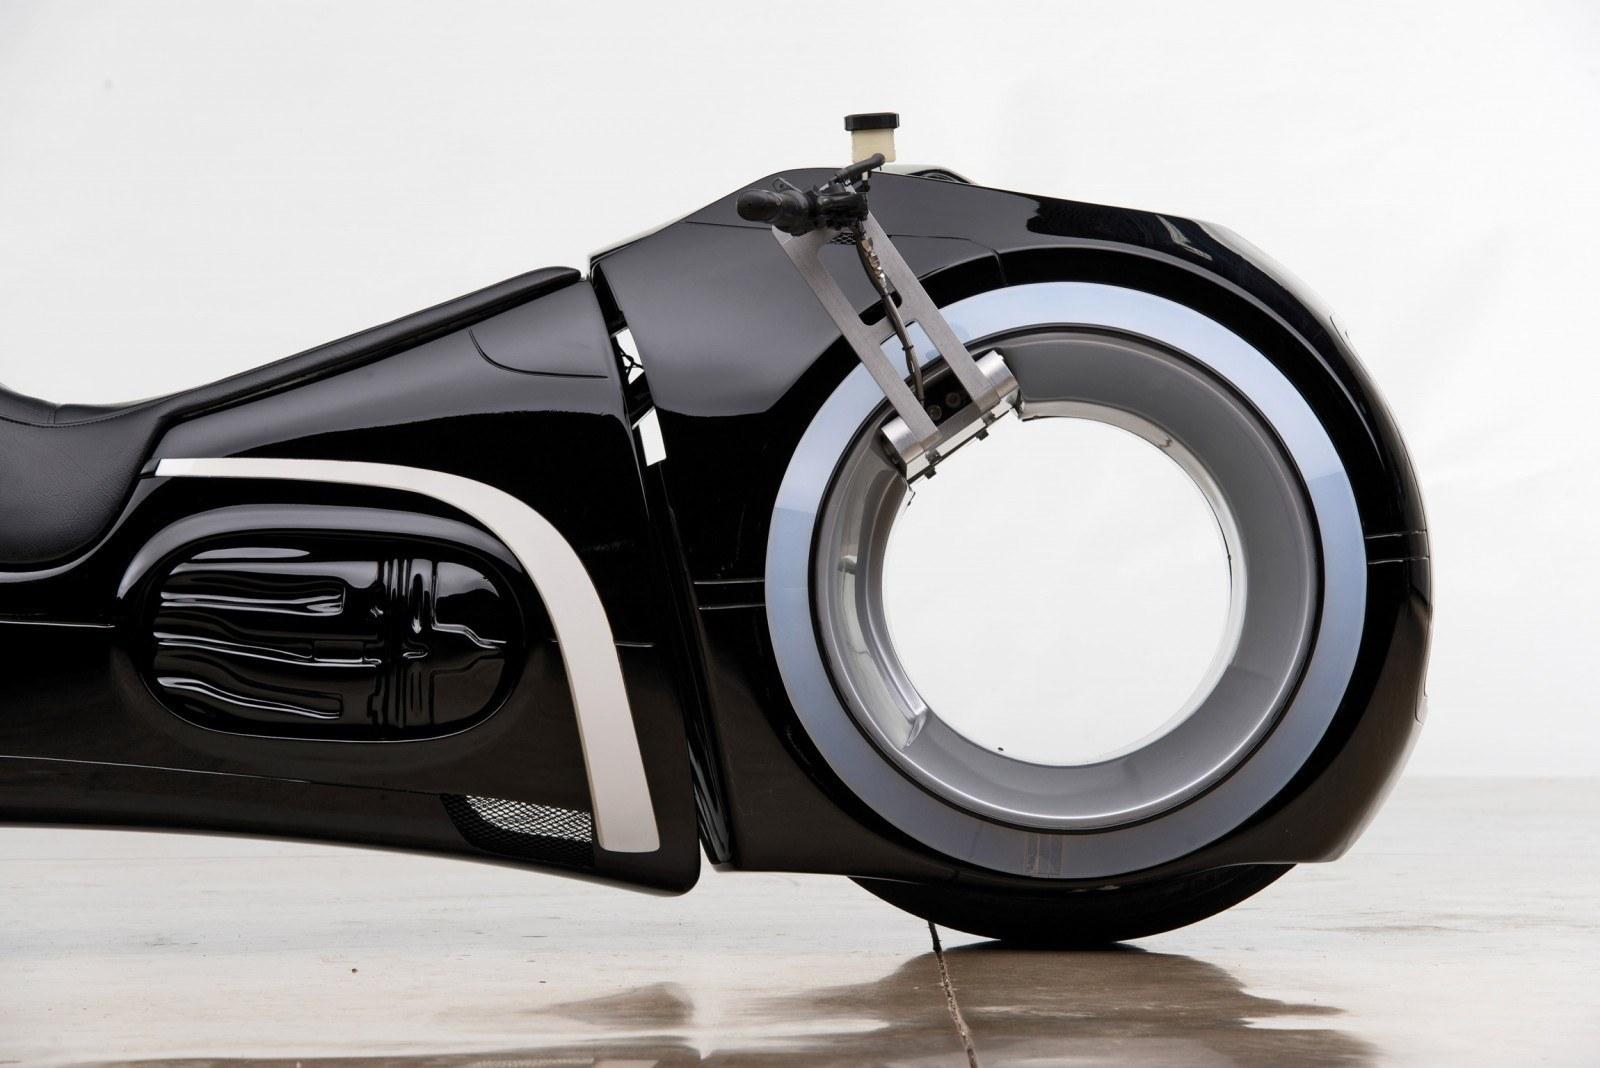 Khả năng đặc biệt của siêu mô tô 2,7 tỷ Đức 'Tào phớ' vừa mua